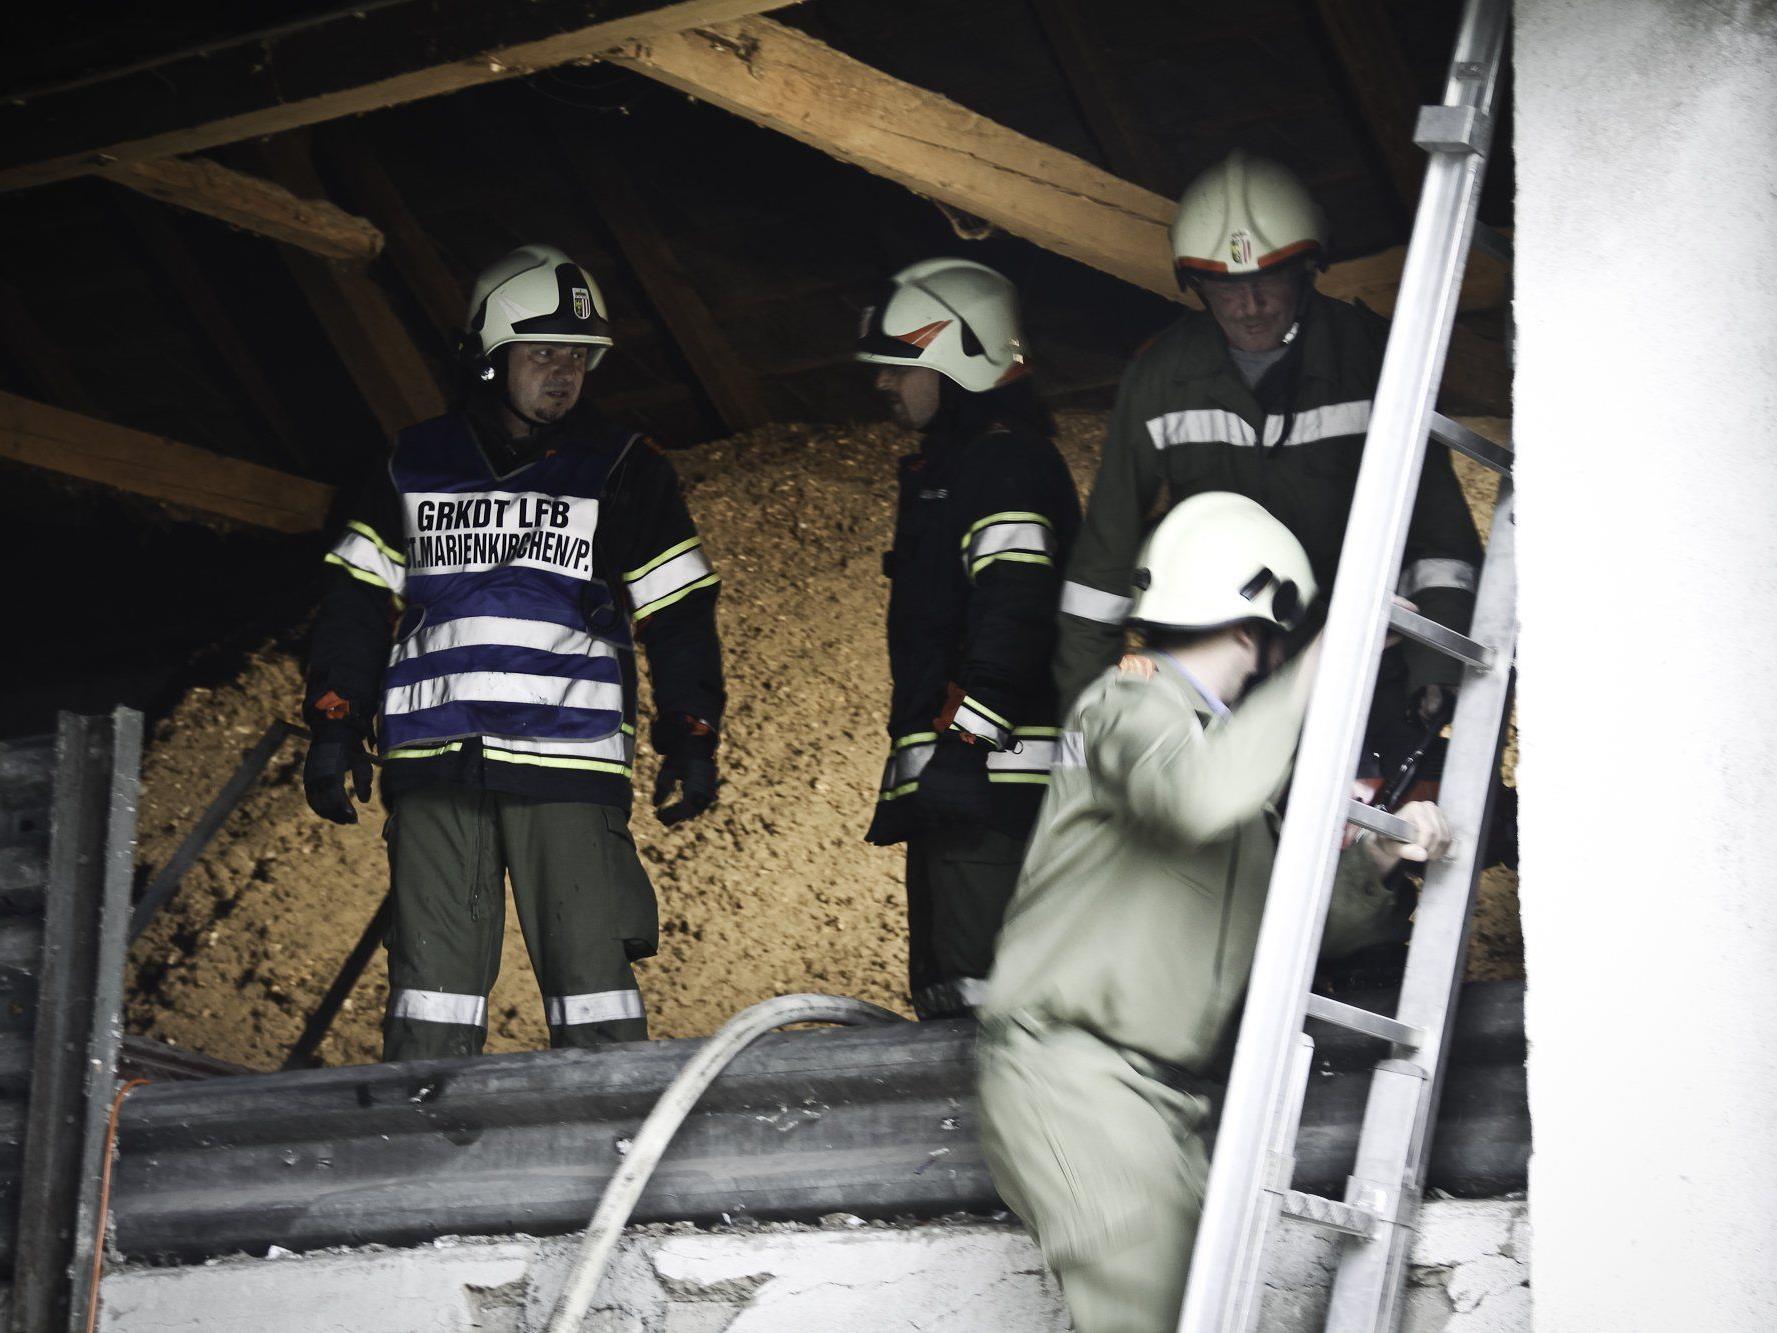 Bei einem Brand in St. Marienkirchen musste die Feuerwehr Alarmstufe zwei ausrufen